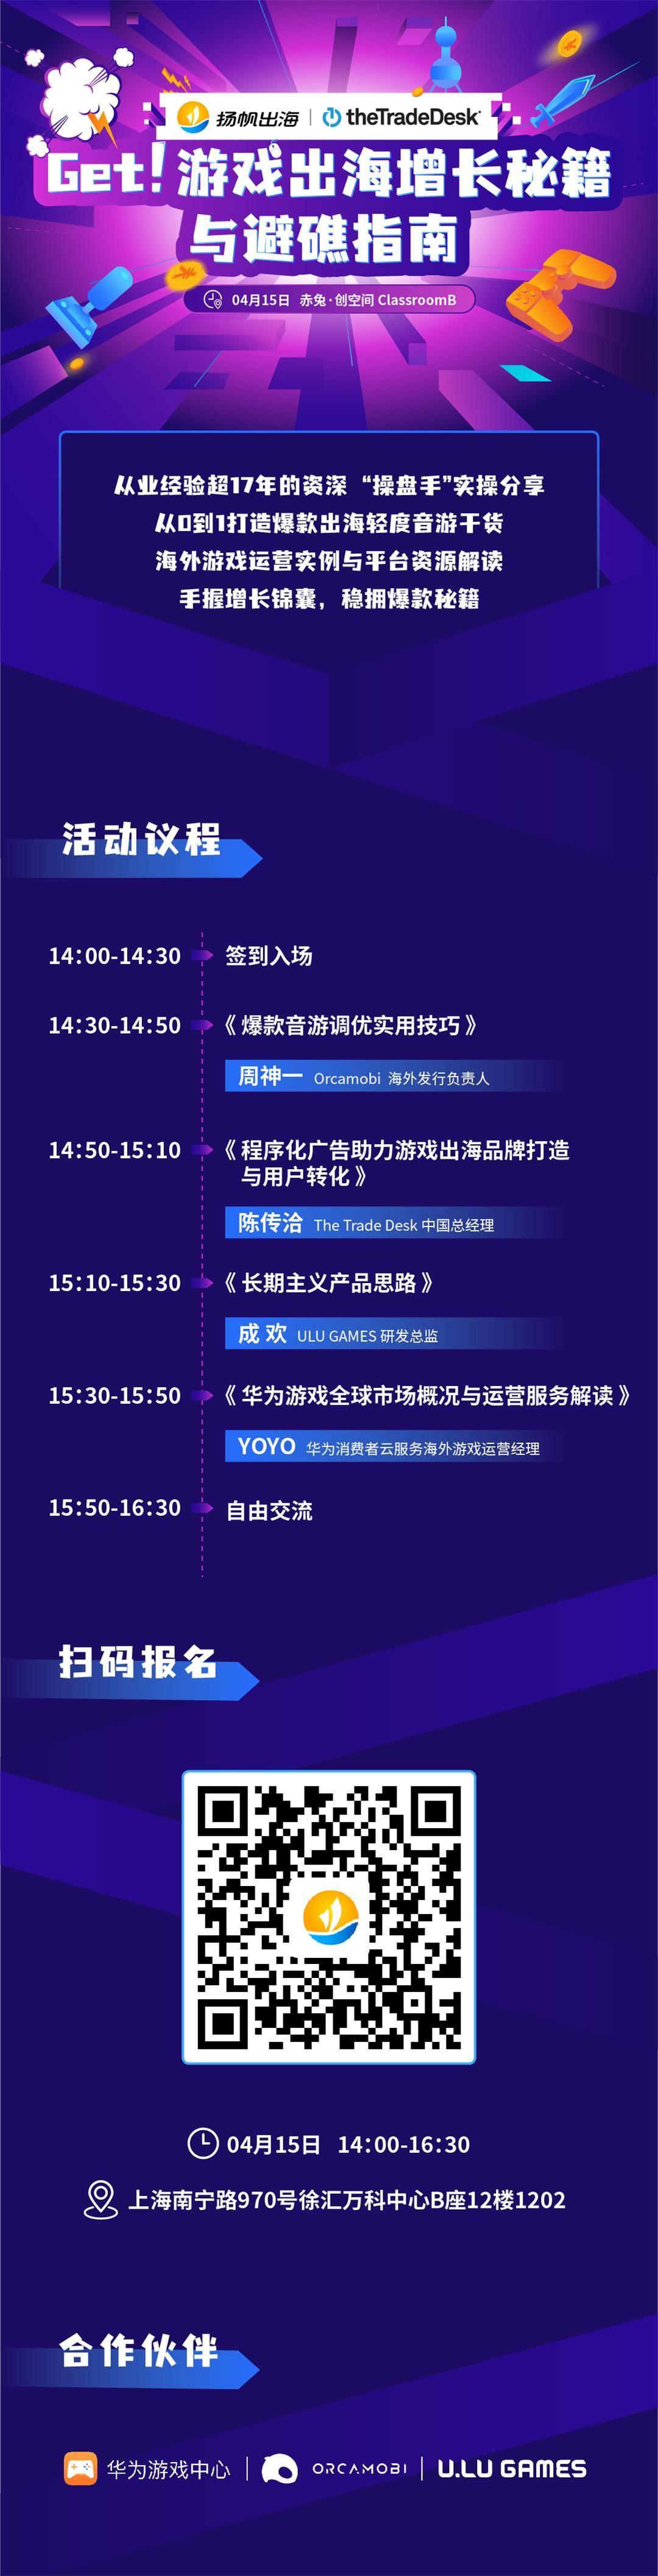 04.15 上海游戏_长图.jpg